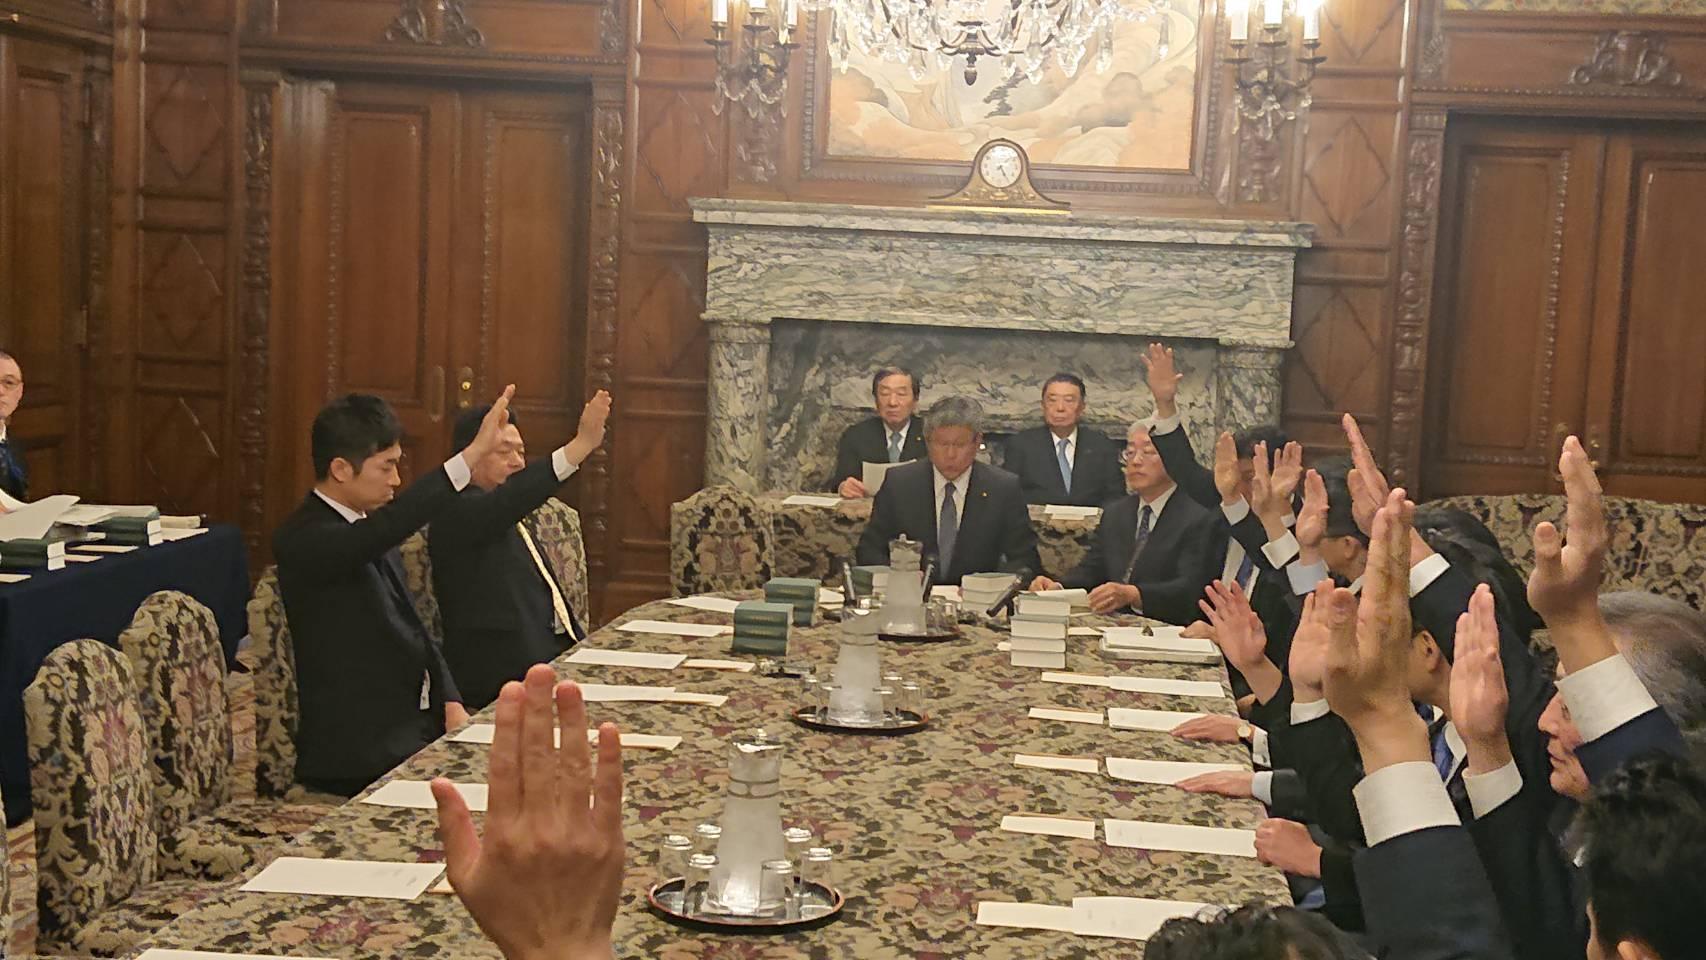 2020年2月17日(月)衆議院議員運営委員会の様子